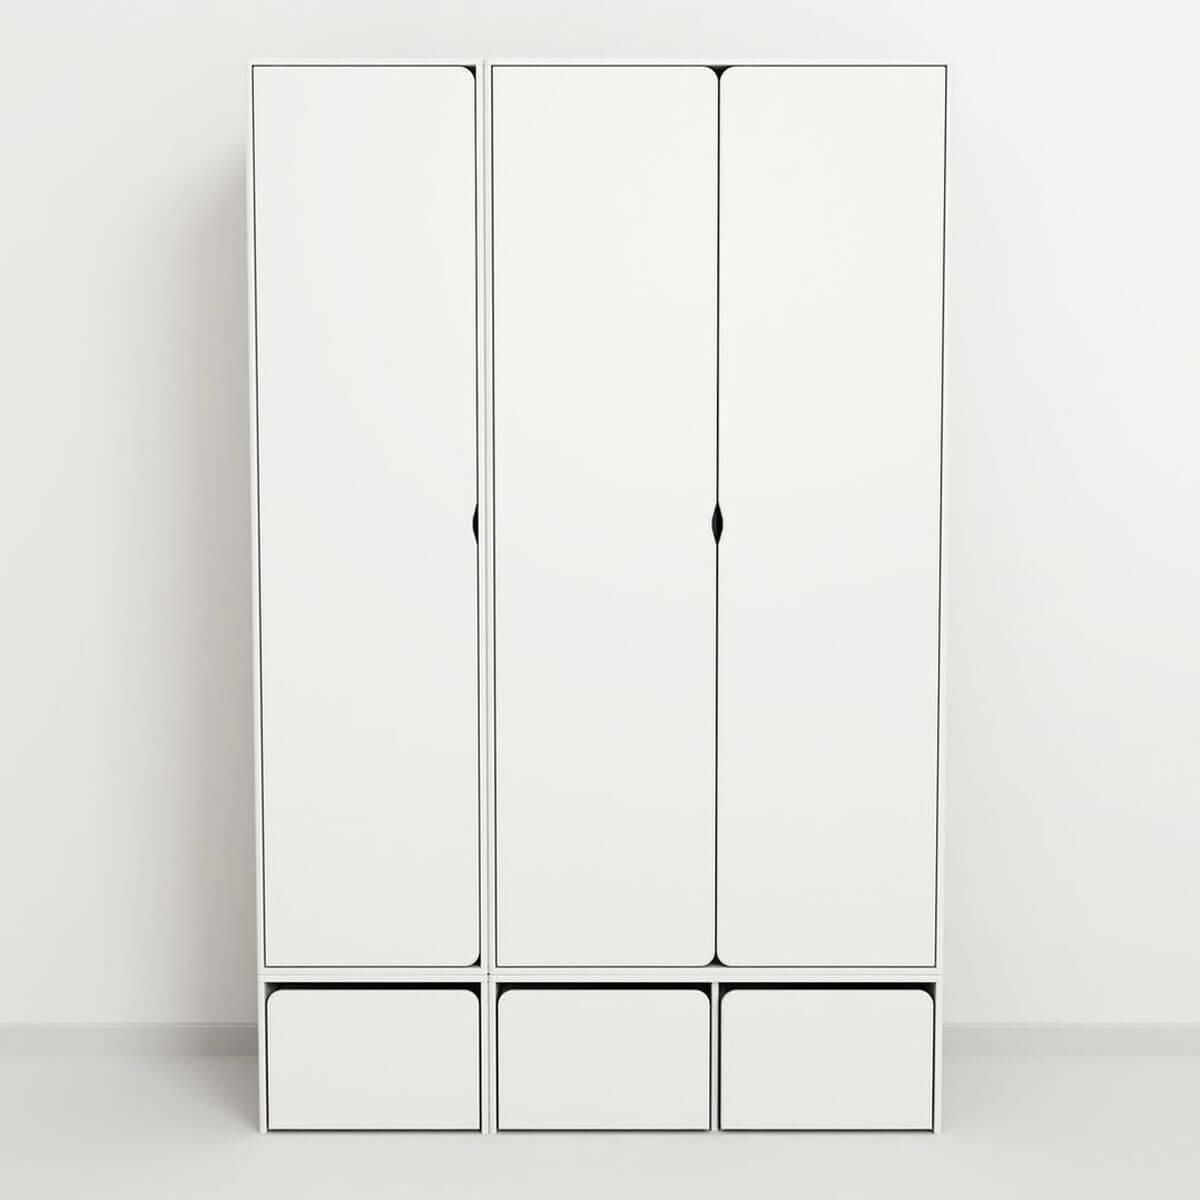 Kleiderschrank-1 Tür CABBY Flexa weiß